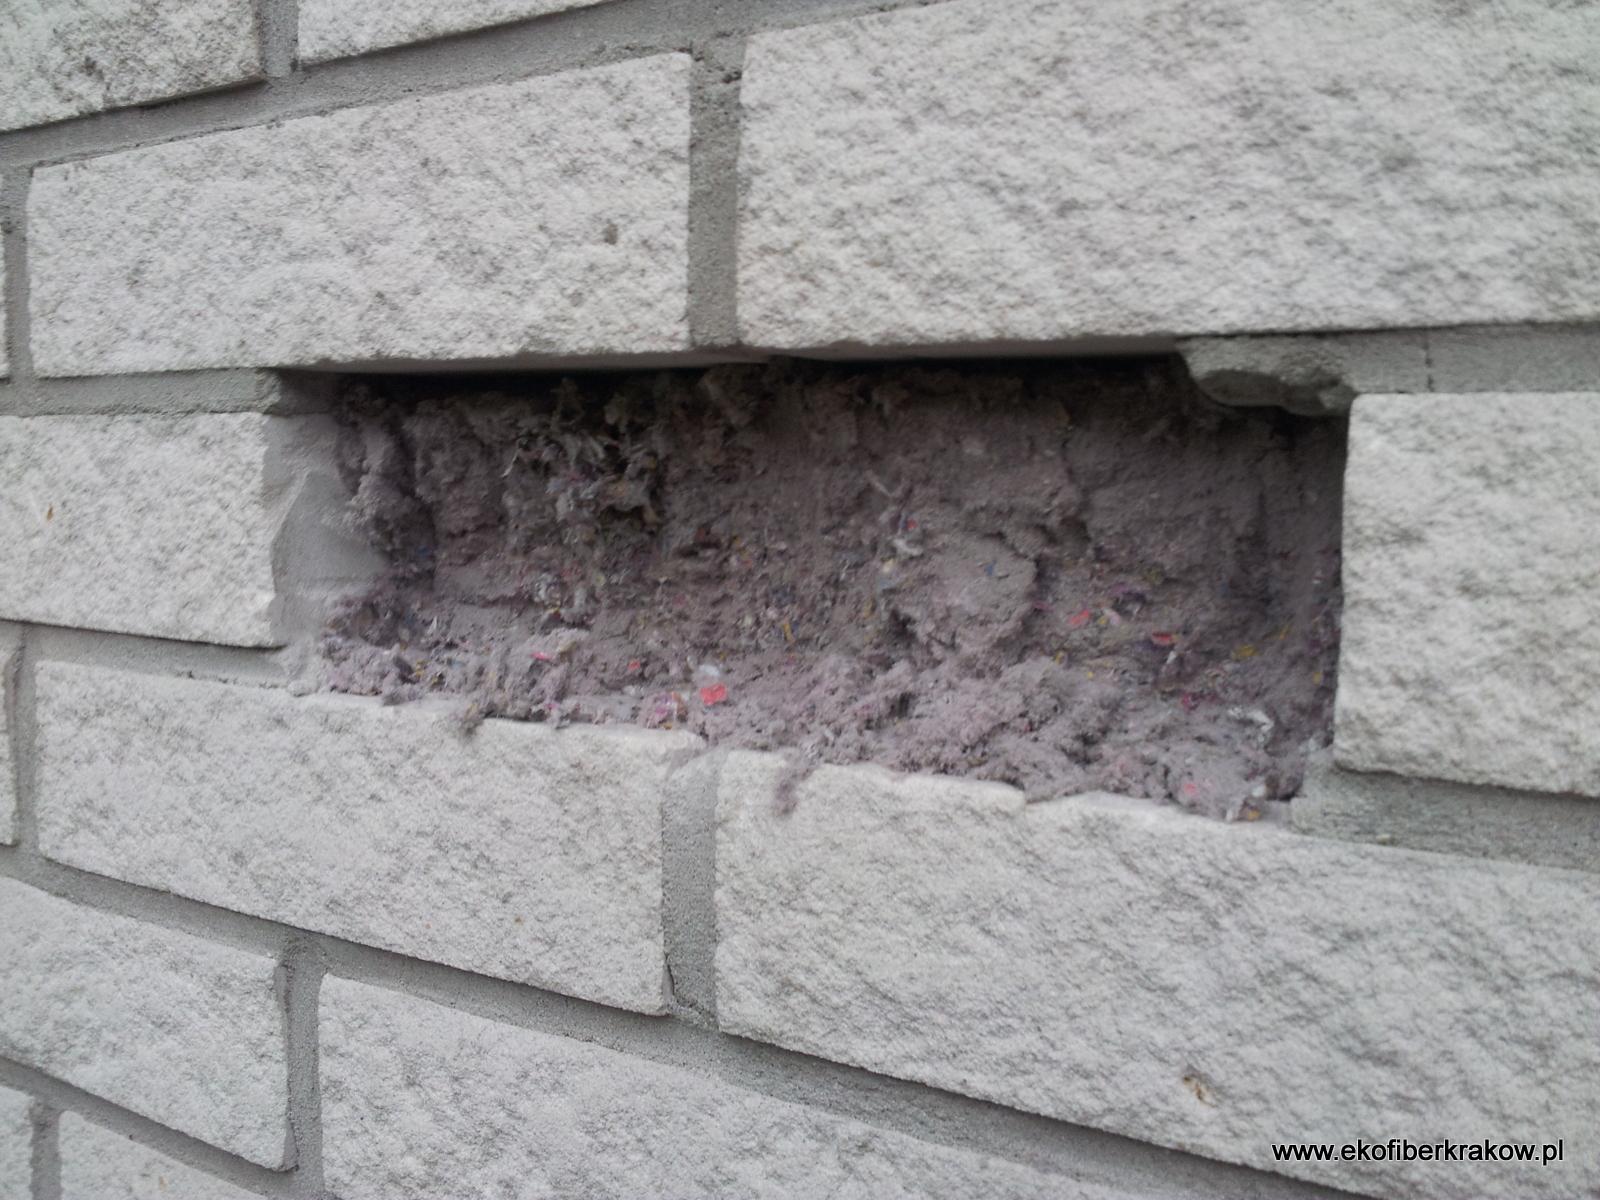 Otwór technologiczny w ścianie warstwowej z widocznym granulatem Ekofiber